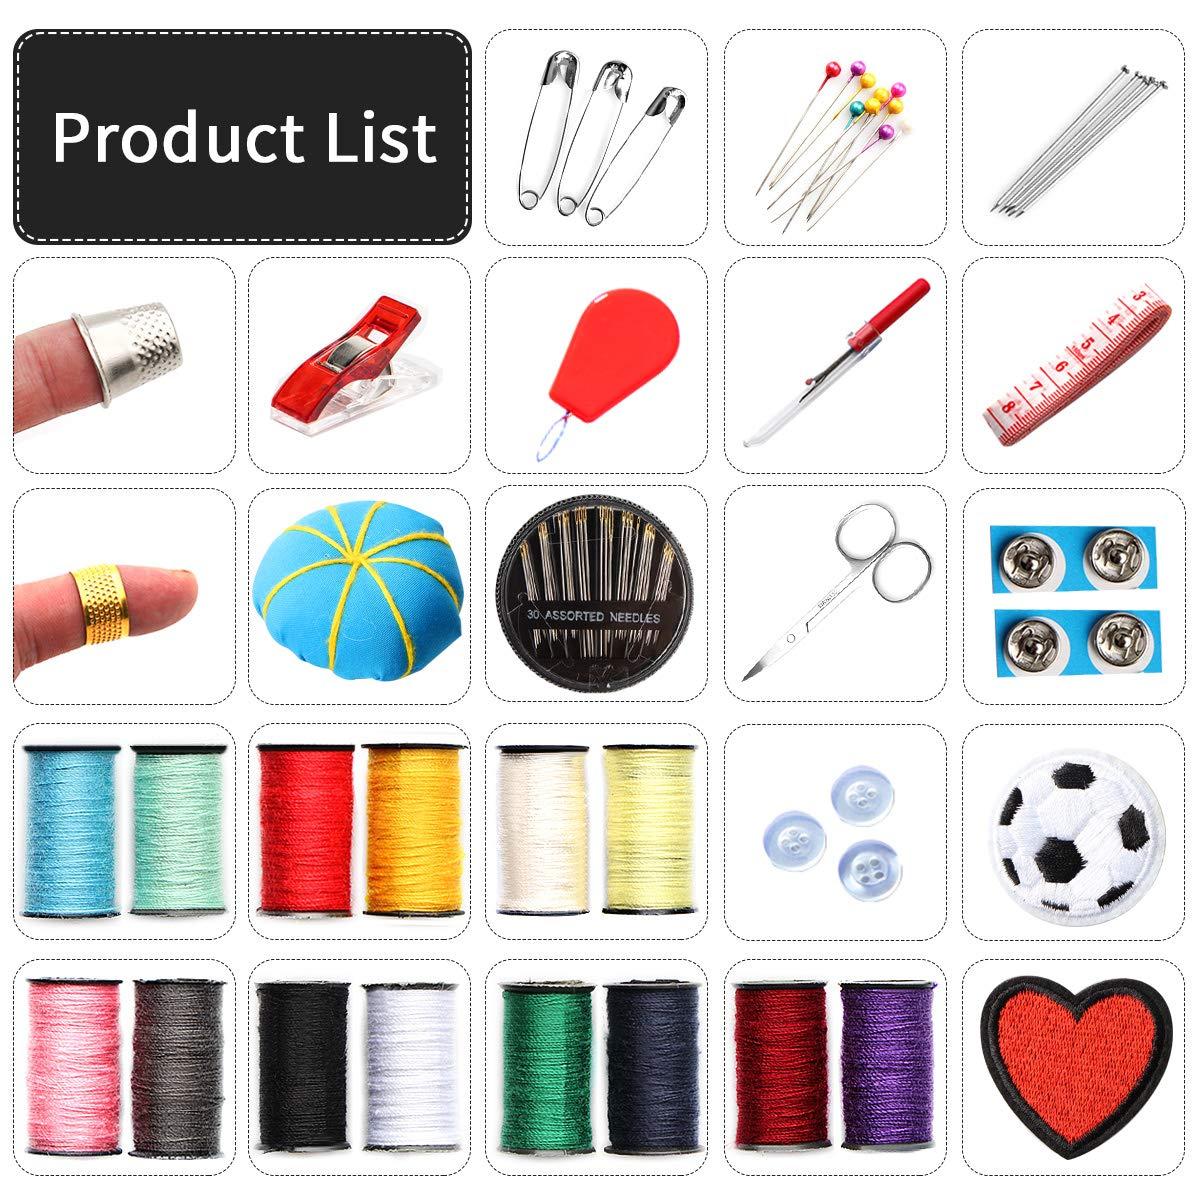 Kit de costura Accesorios de costura premium con 73 piezas Accesorios Costura DIY con Tijeras Dedos,Hilos 30 Agujas de Coser Kit de Costura de viaje